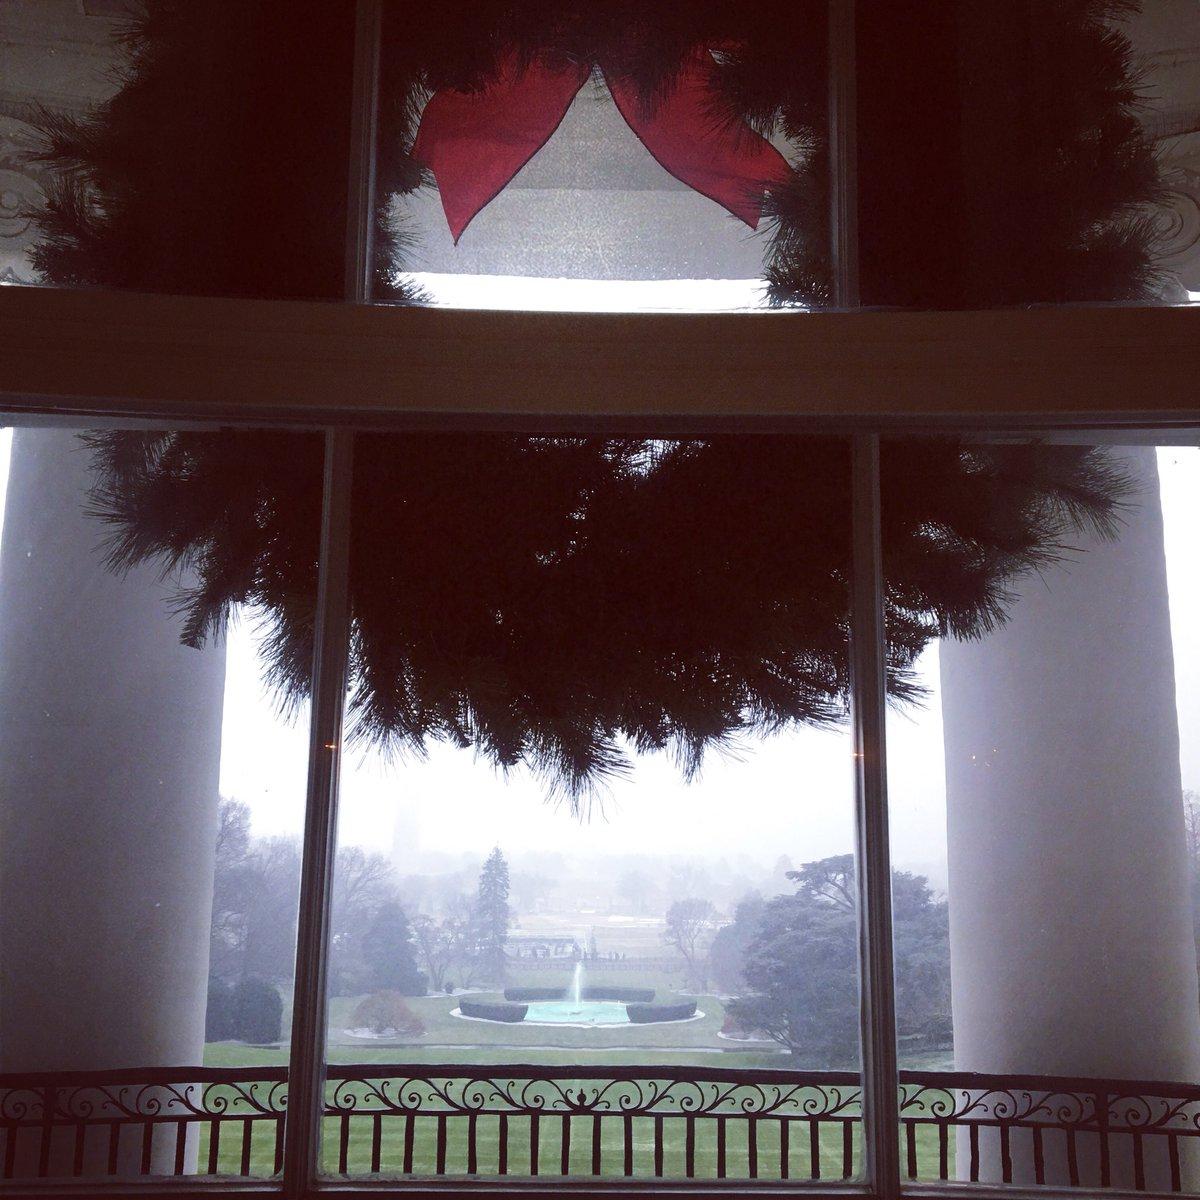 Beautiful morning @WhiteHouse #Christmas...